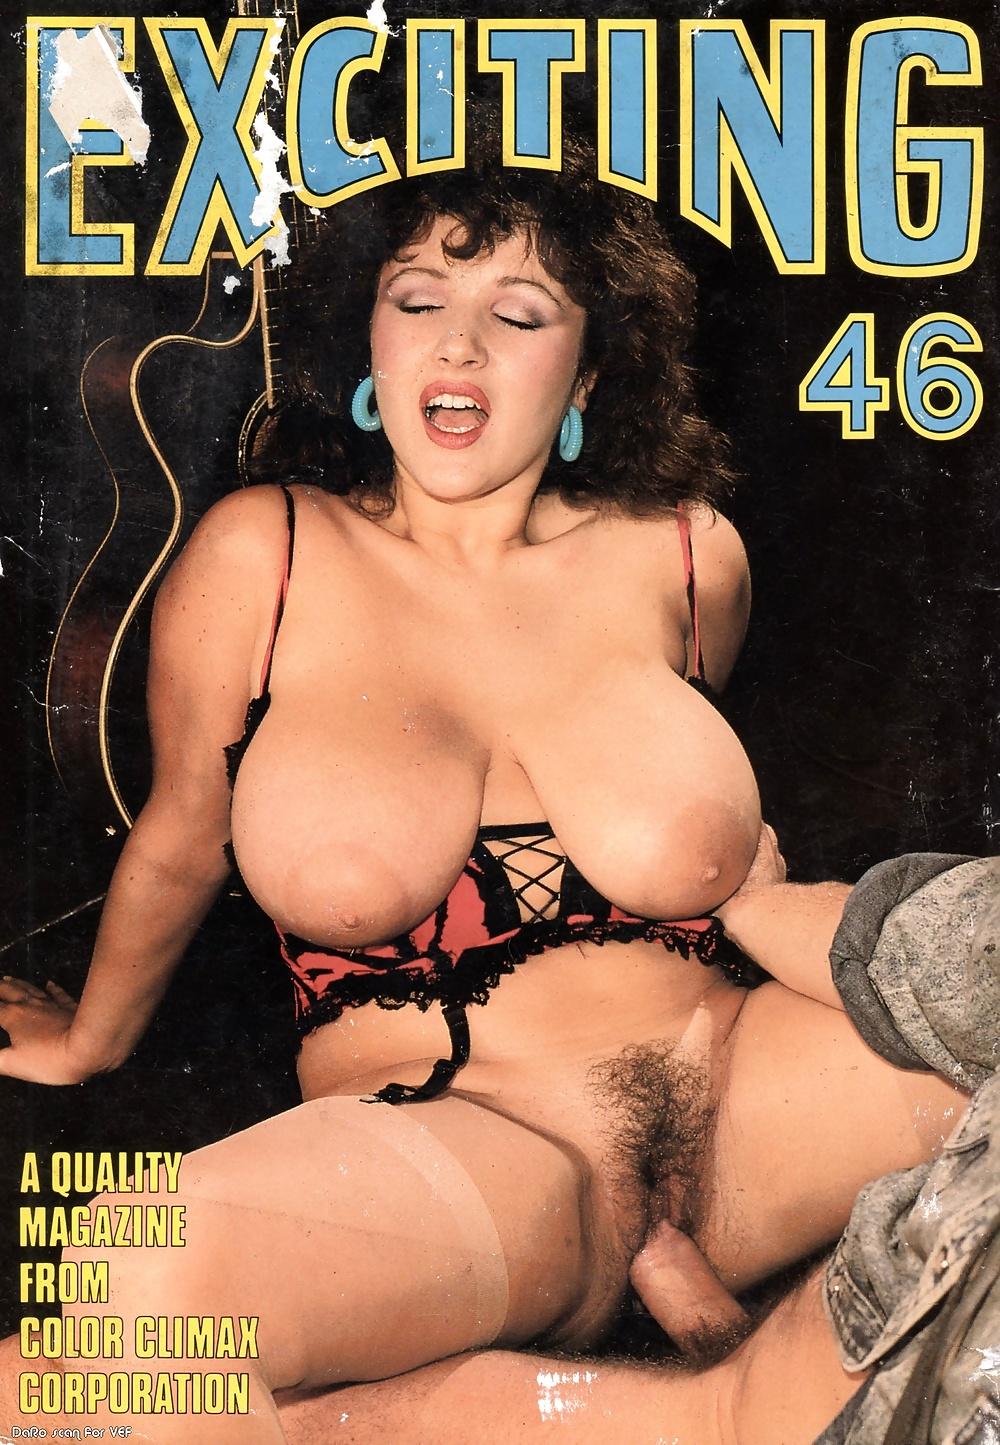 Иллюстрации голых женщин из порно журналов, порнуха секс в клубе смотреть онлайн